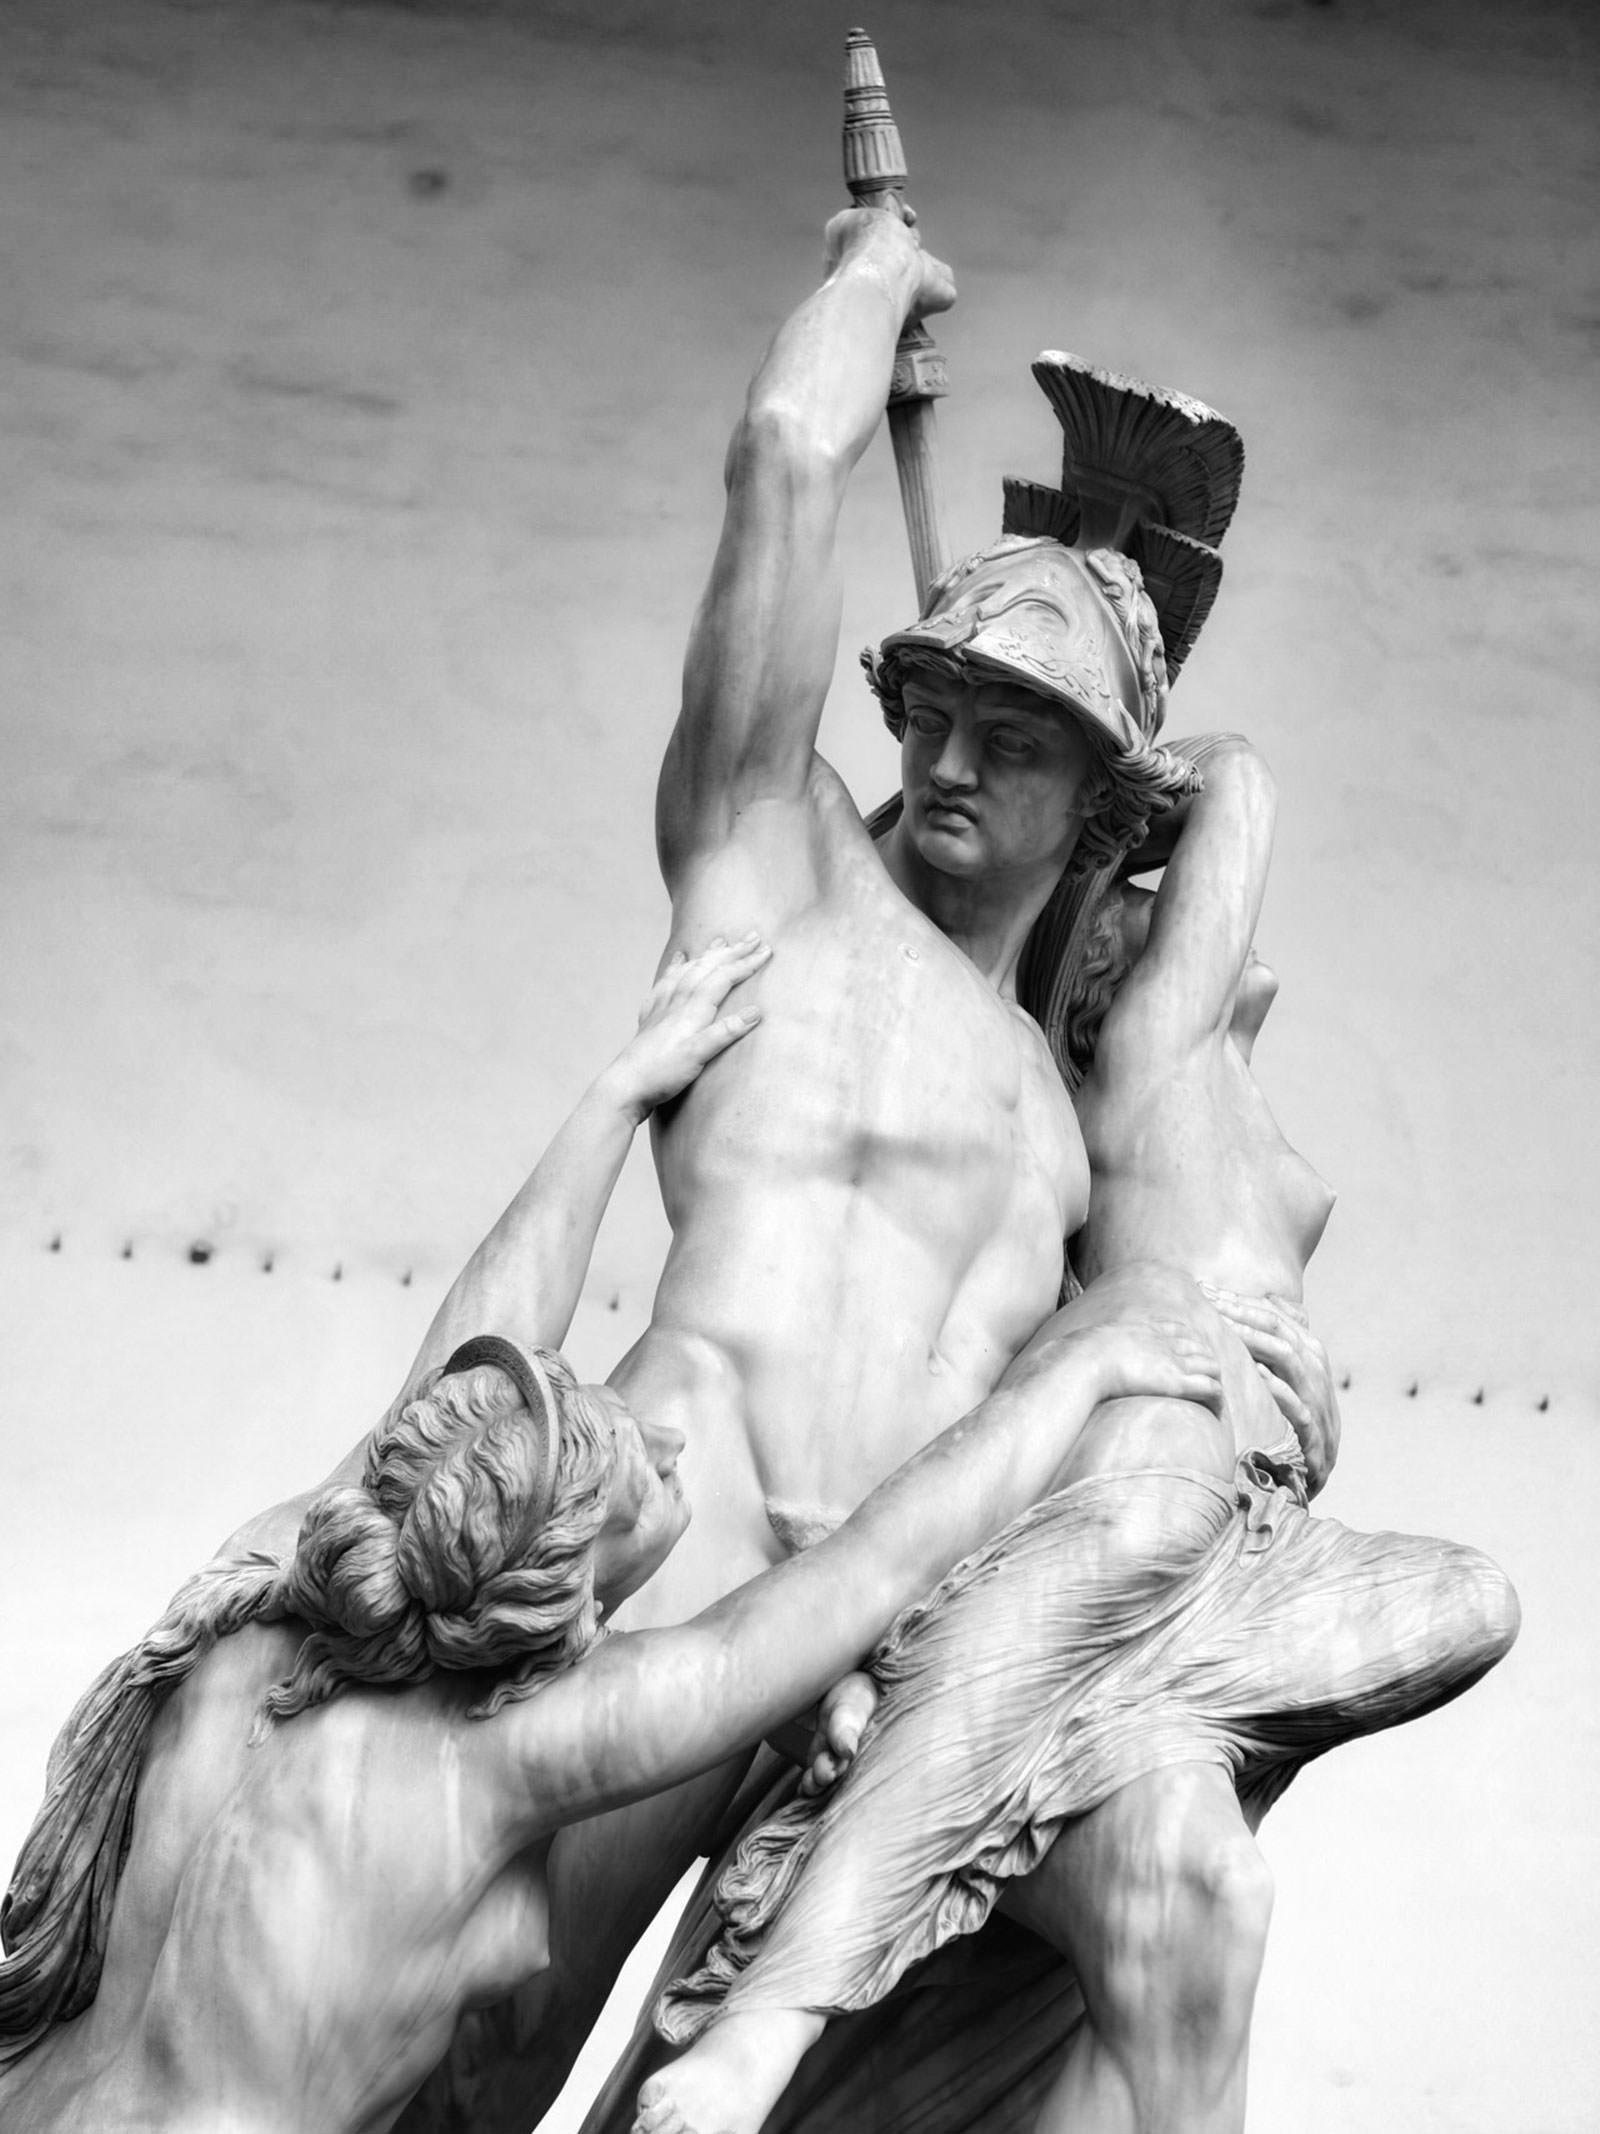 The Rape of Polyxena 😬 from Pio Fedi, Loggia dei Lanzi, Florence, October 2018